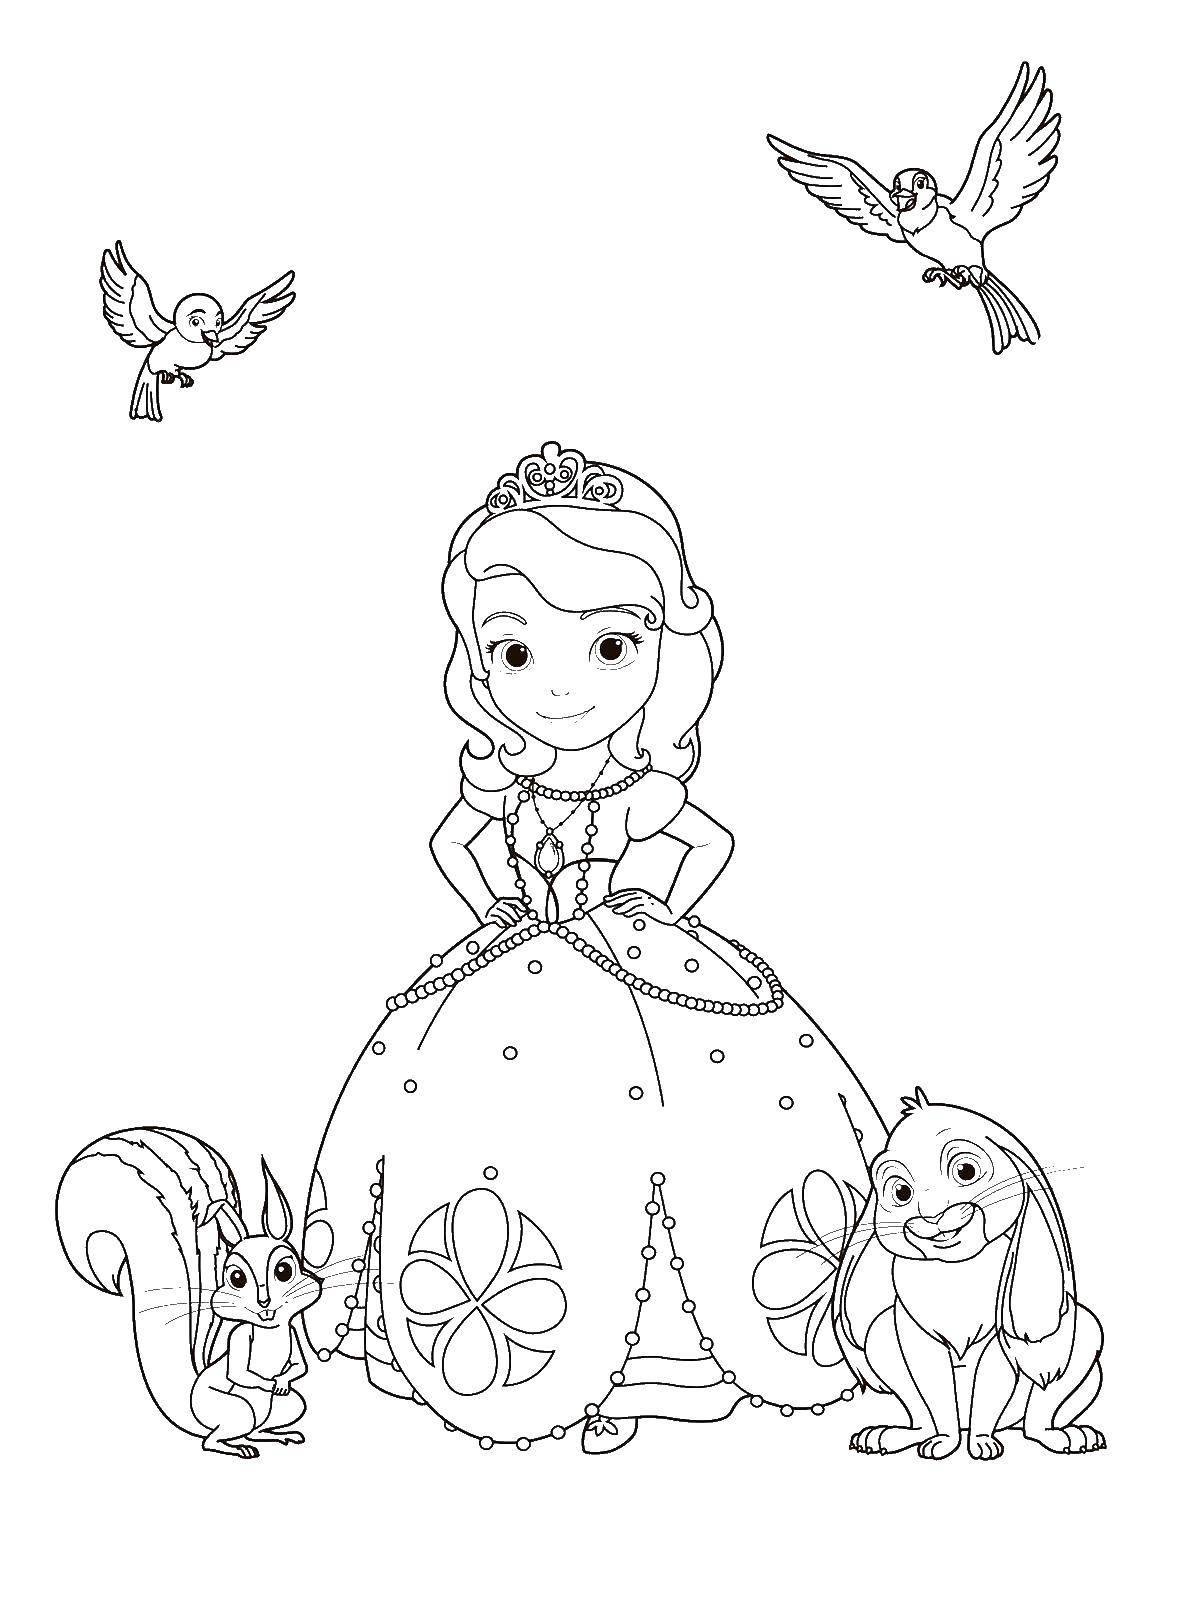 Раскраска принцесса софия Скачать гимнастика, гимнастка, мяч.  Распечатать ,гимнастика,